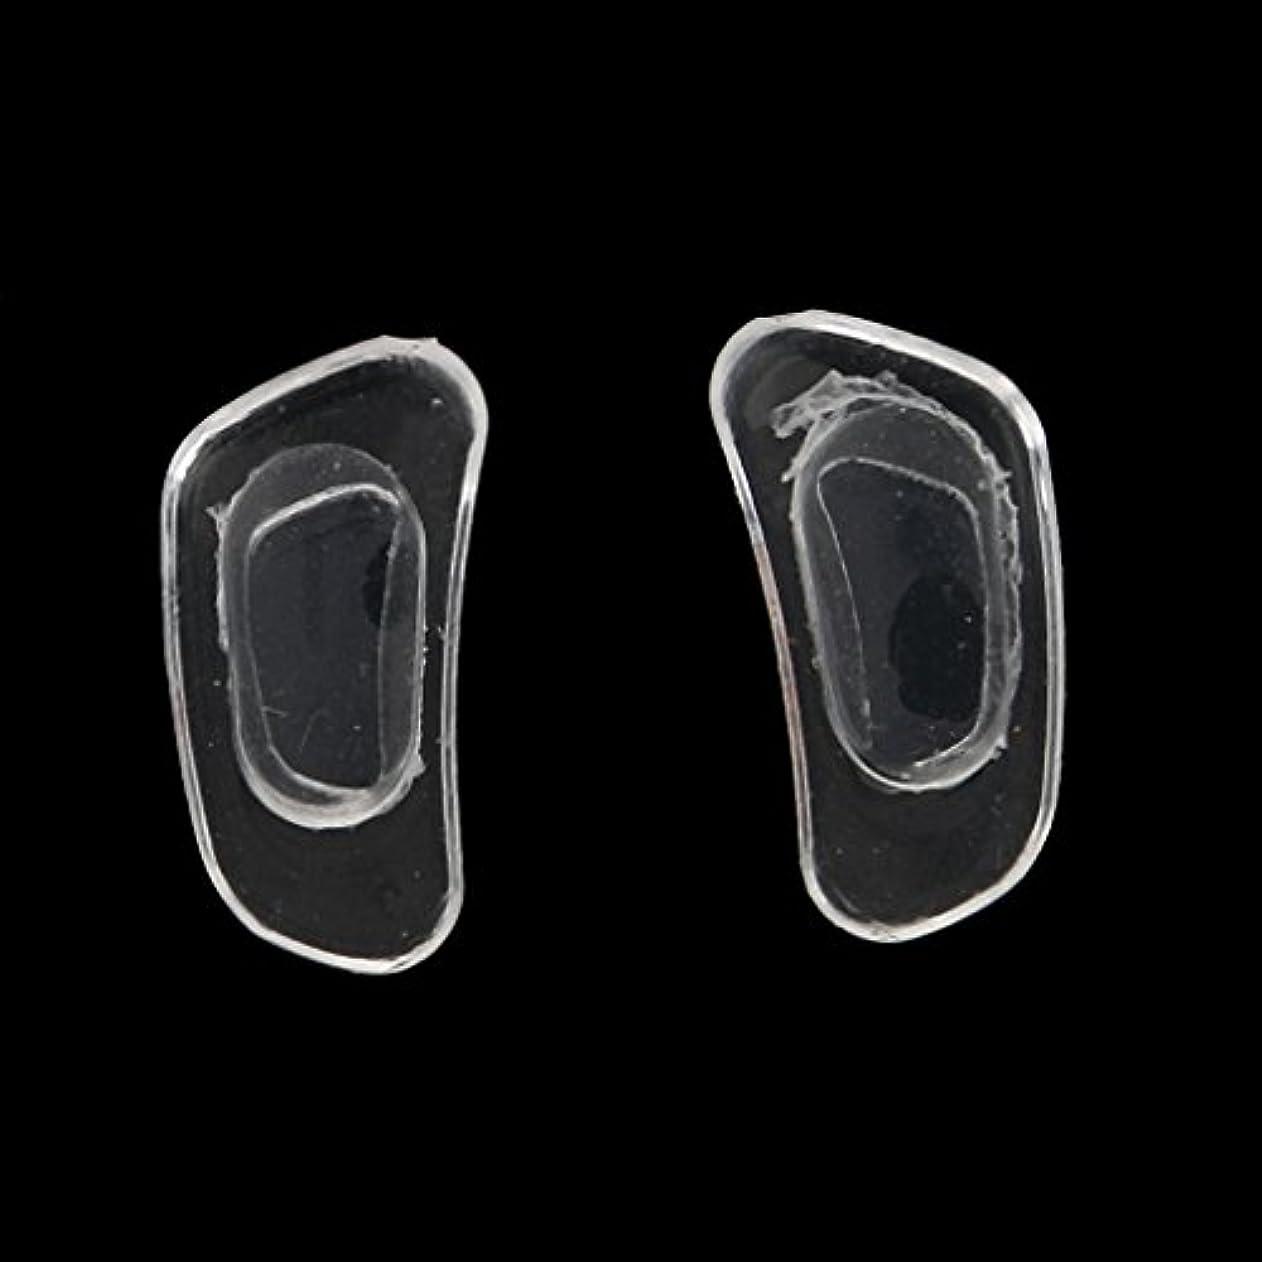 ヒュームグレートバリアリーフ評論家B Blesiya グアシャボード マッサージツール 翡翠 凹形状 静電気防止 健康器具 携帯便利